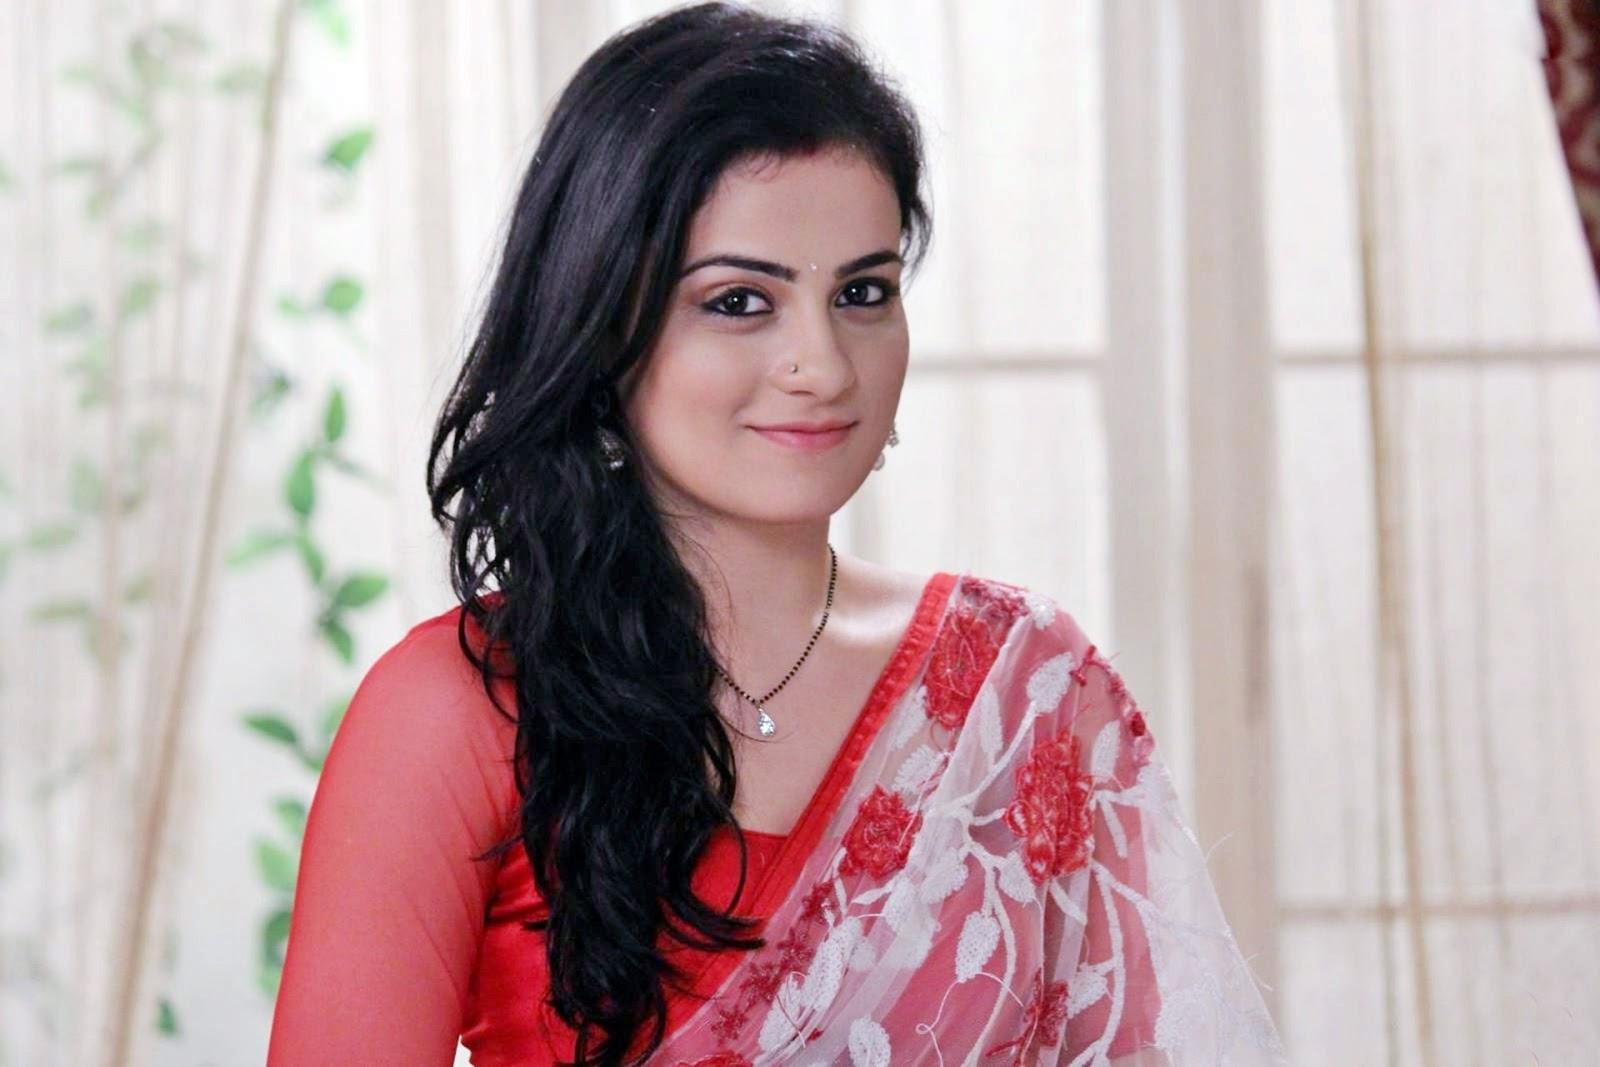 indian beauty queen image Ja3t